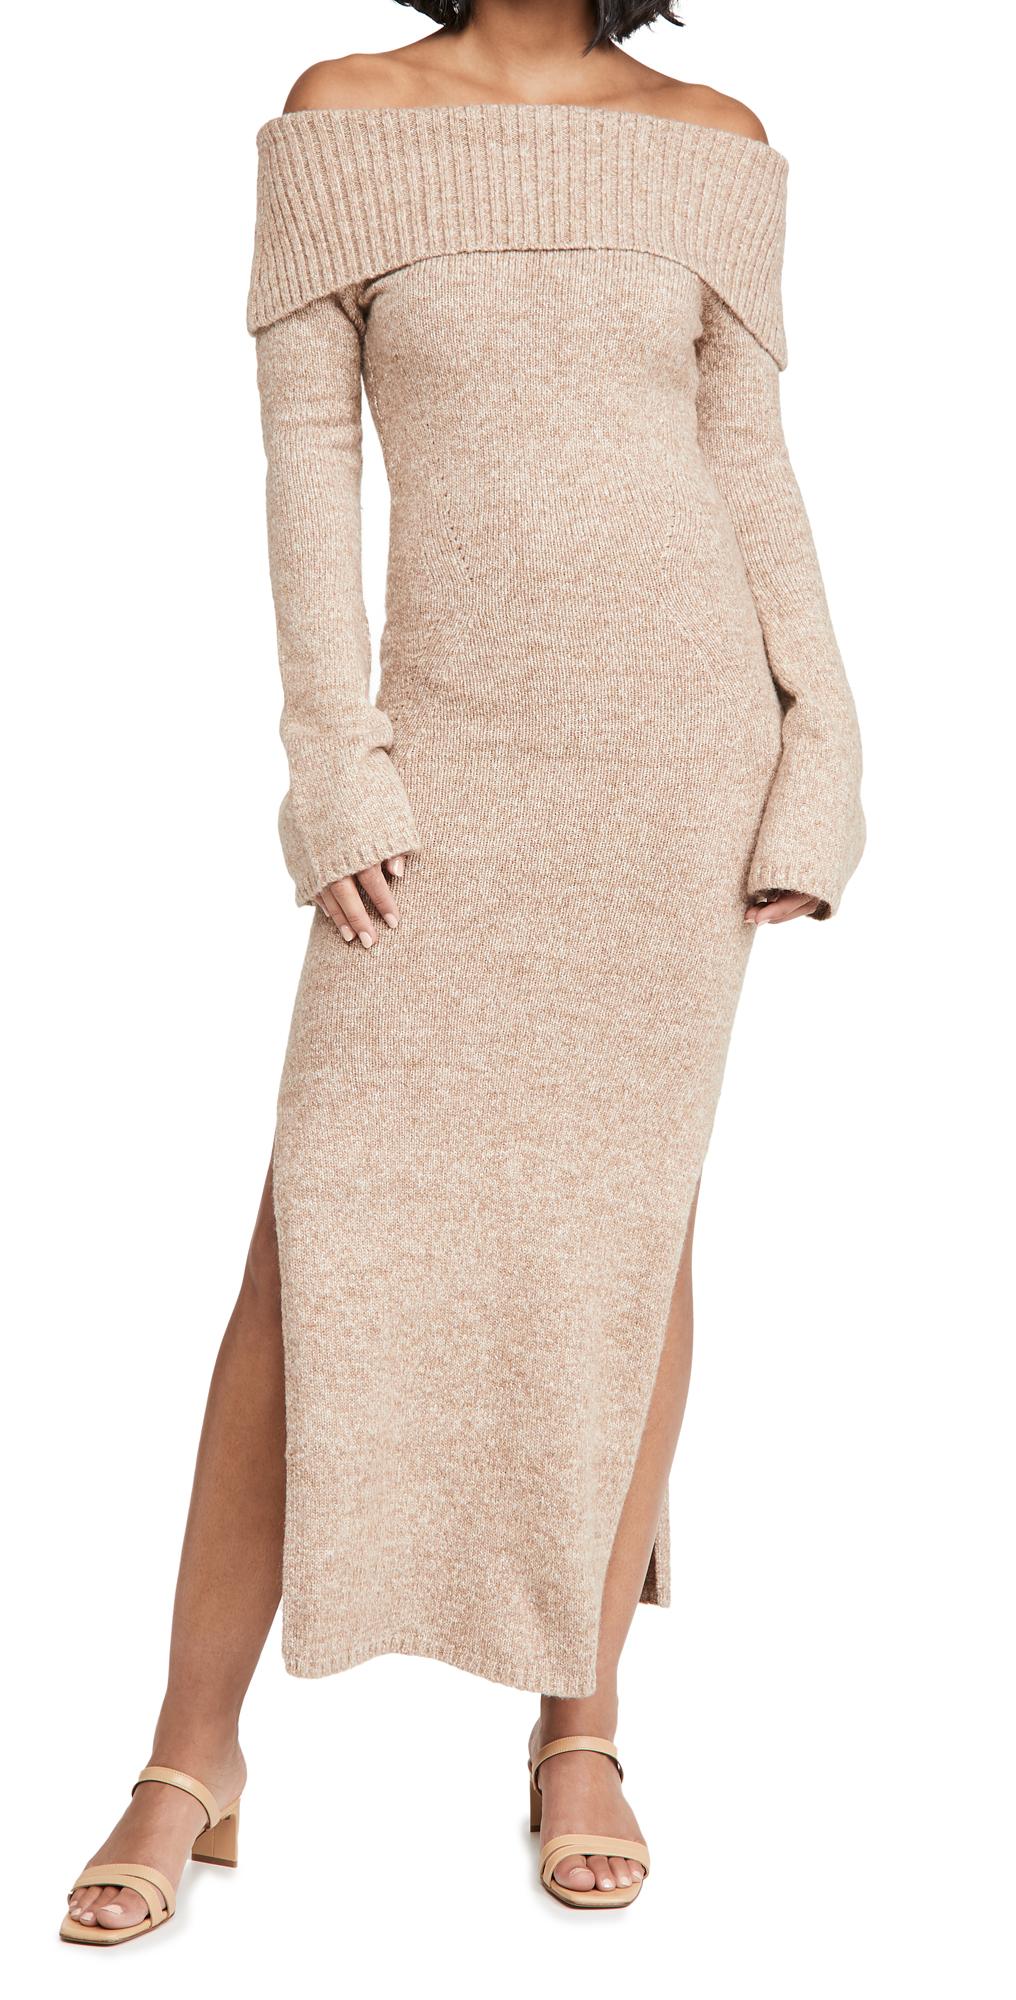 Cult Gaia Mariel Dress